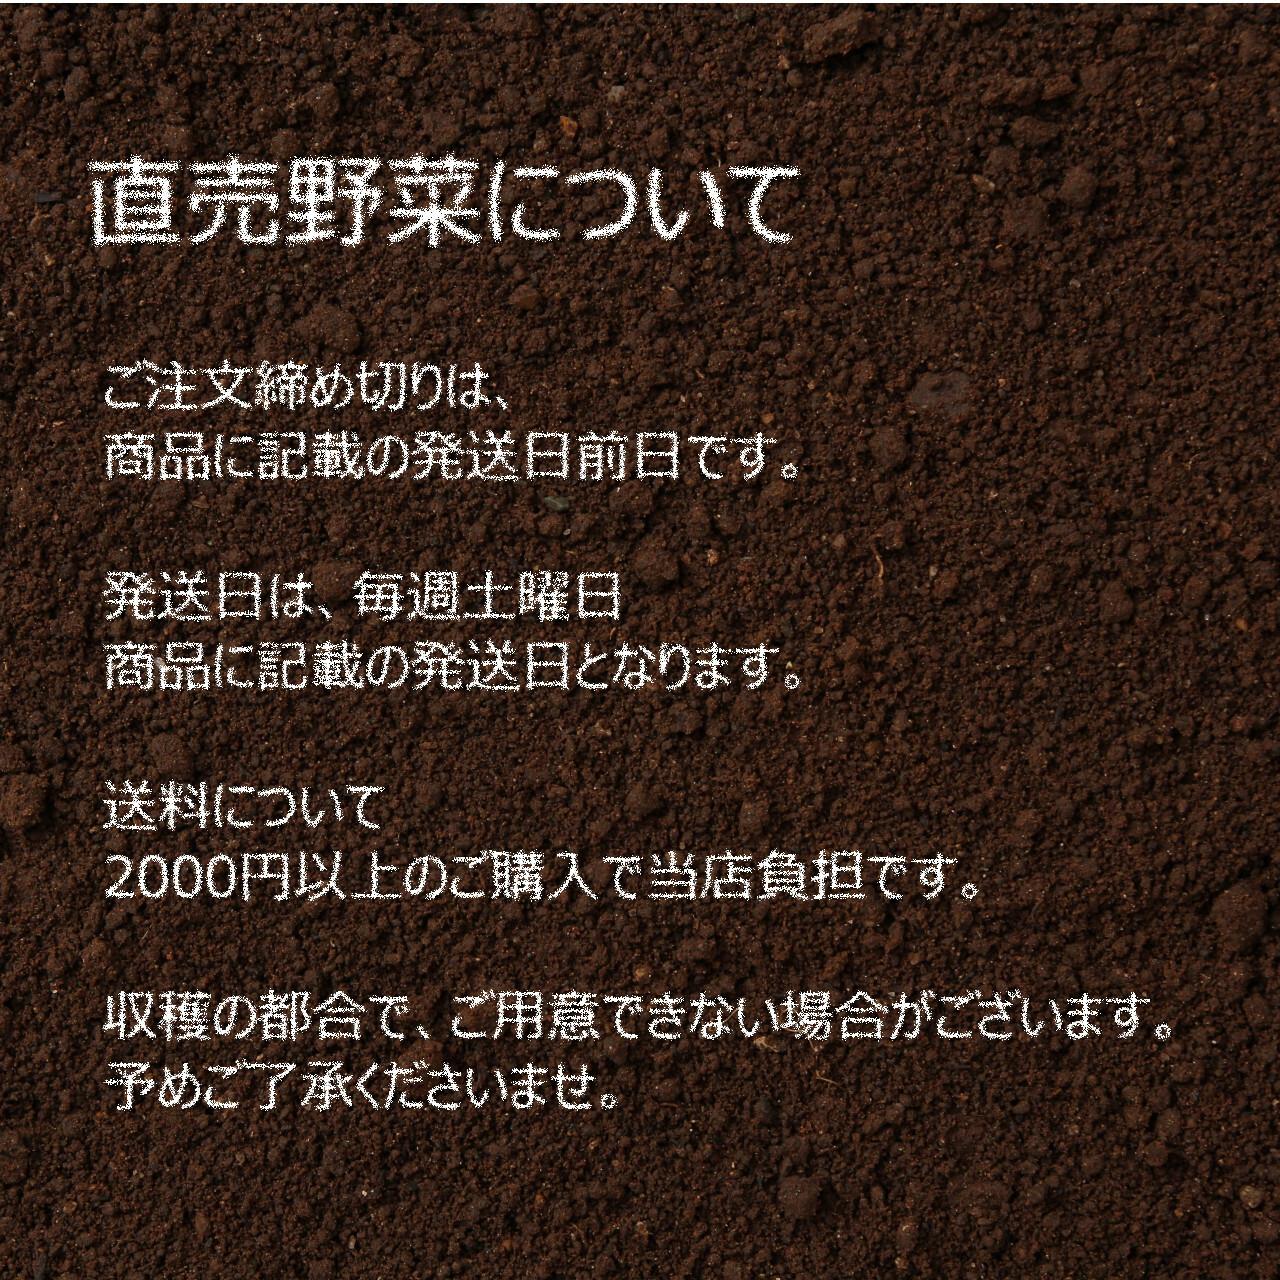 インゲン 約100g: 6月の朝採り直売野菜  春の新鮮野菜 6月13日発送予定